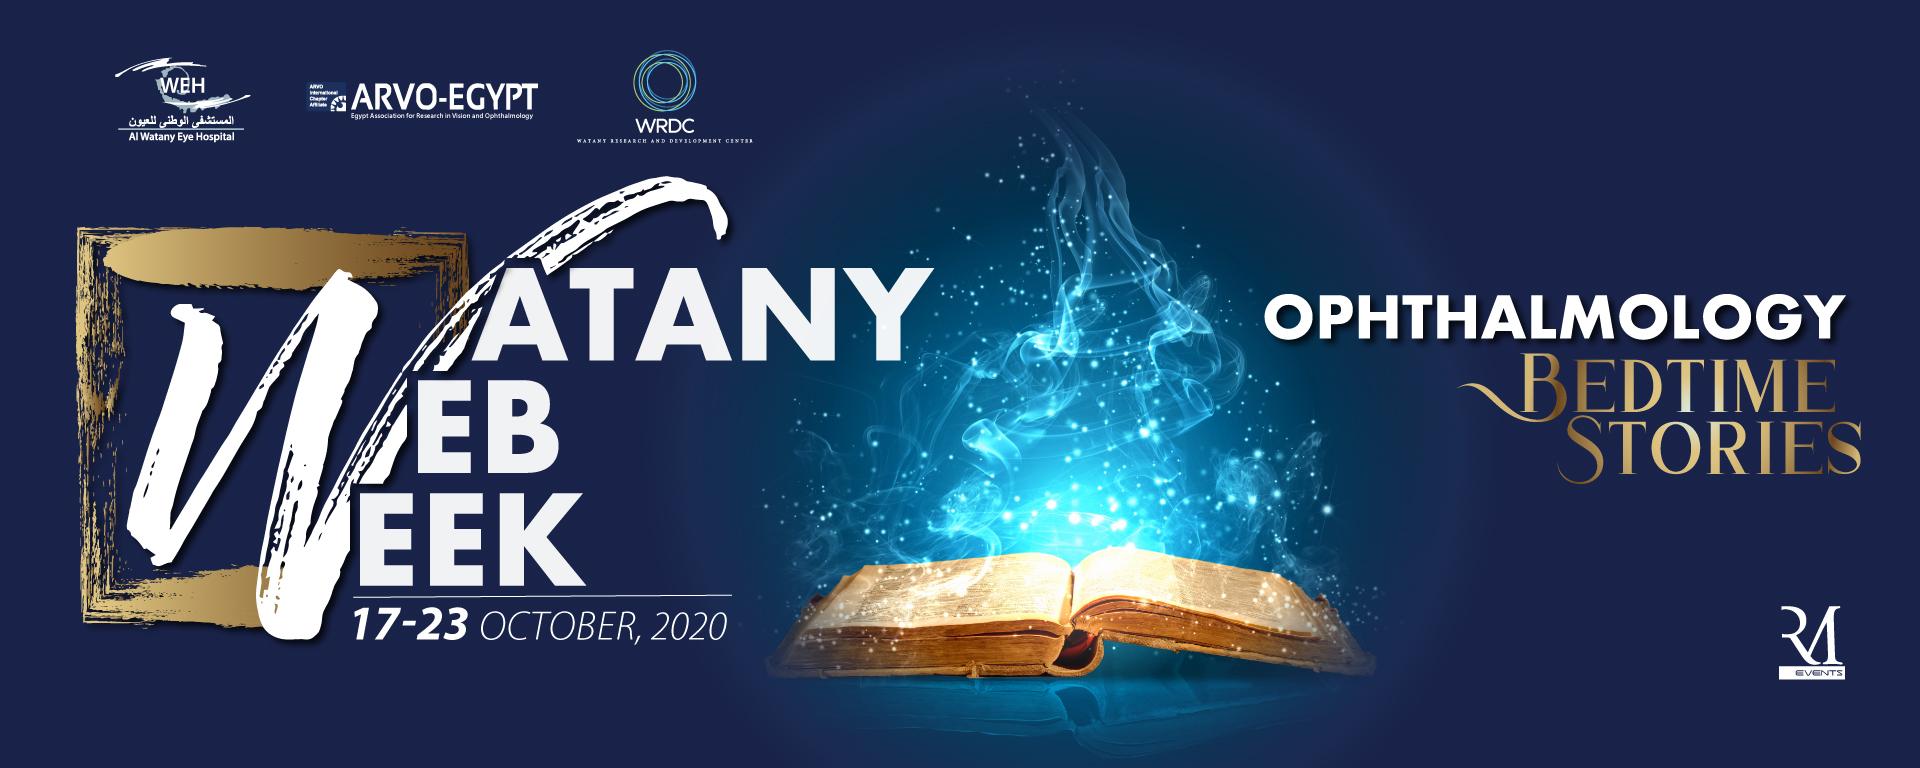 Watany Web Week